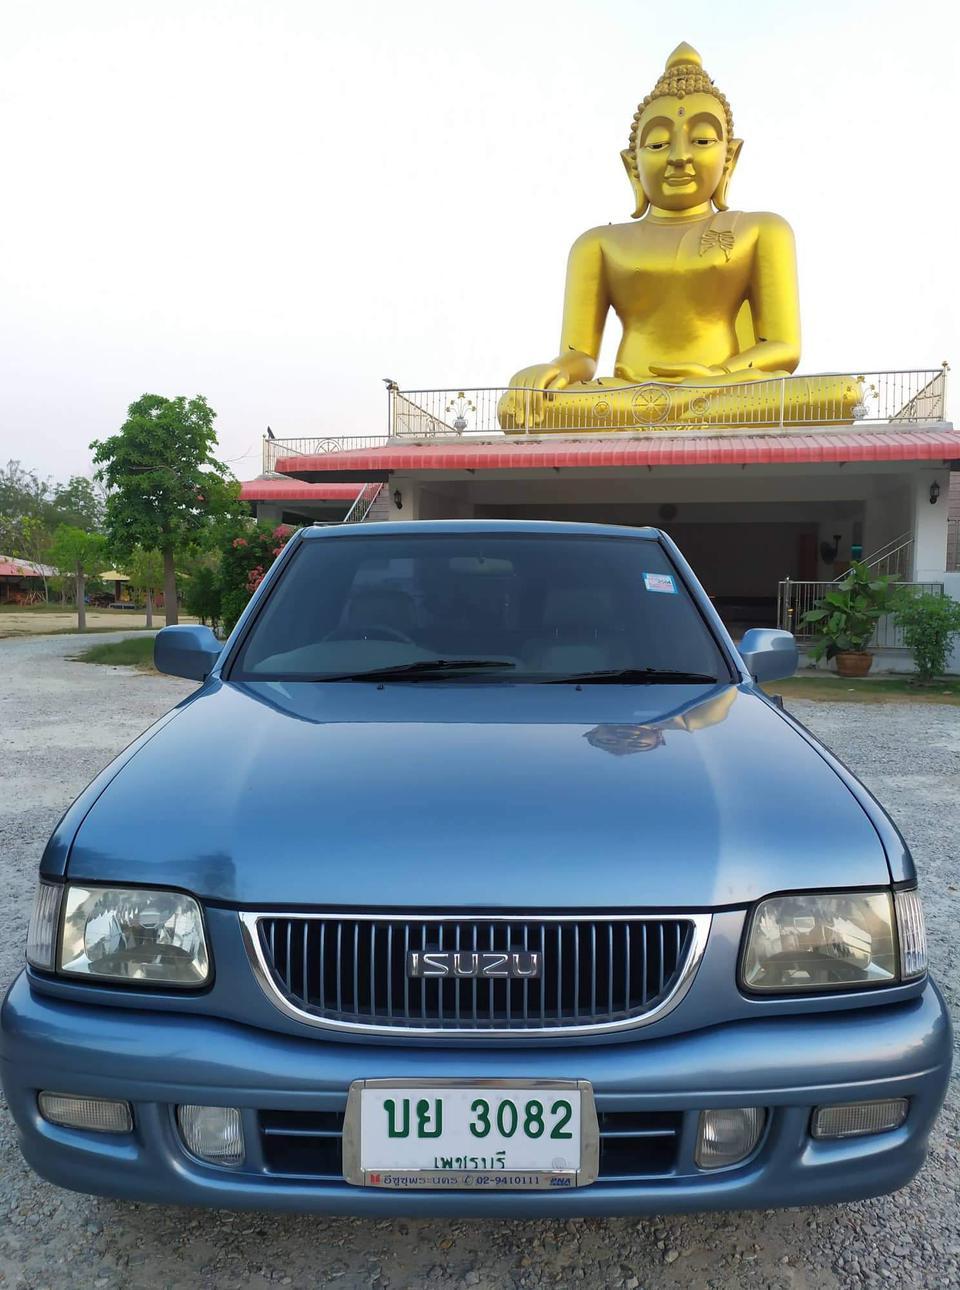 ขายรถบ้านกะบะ อีซูซุดาก้อนสวยๆ รูปที่ 4